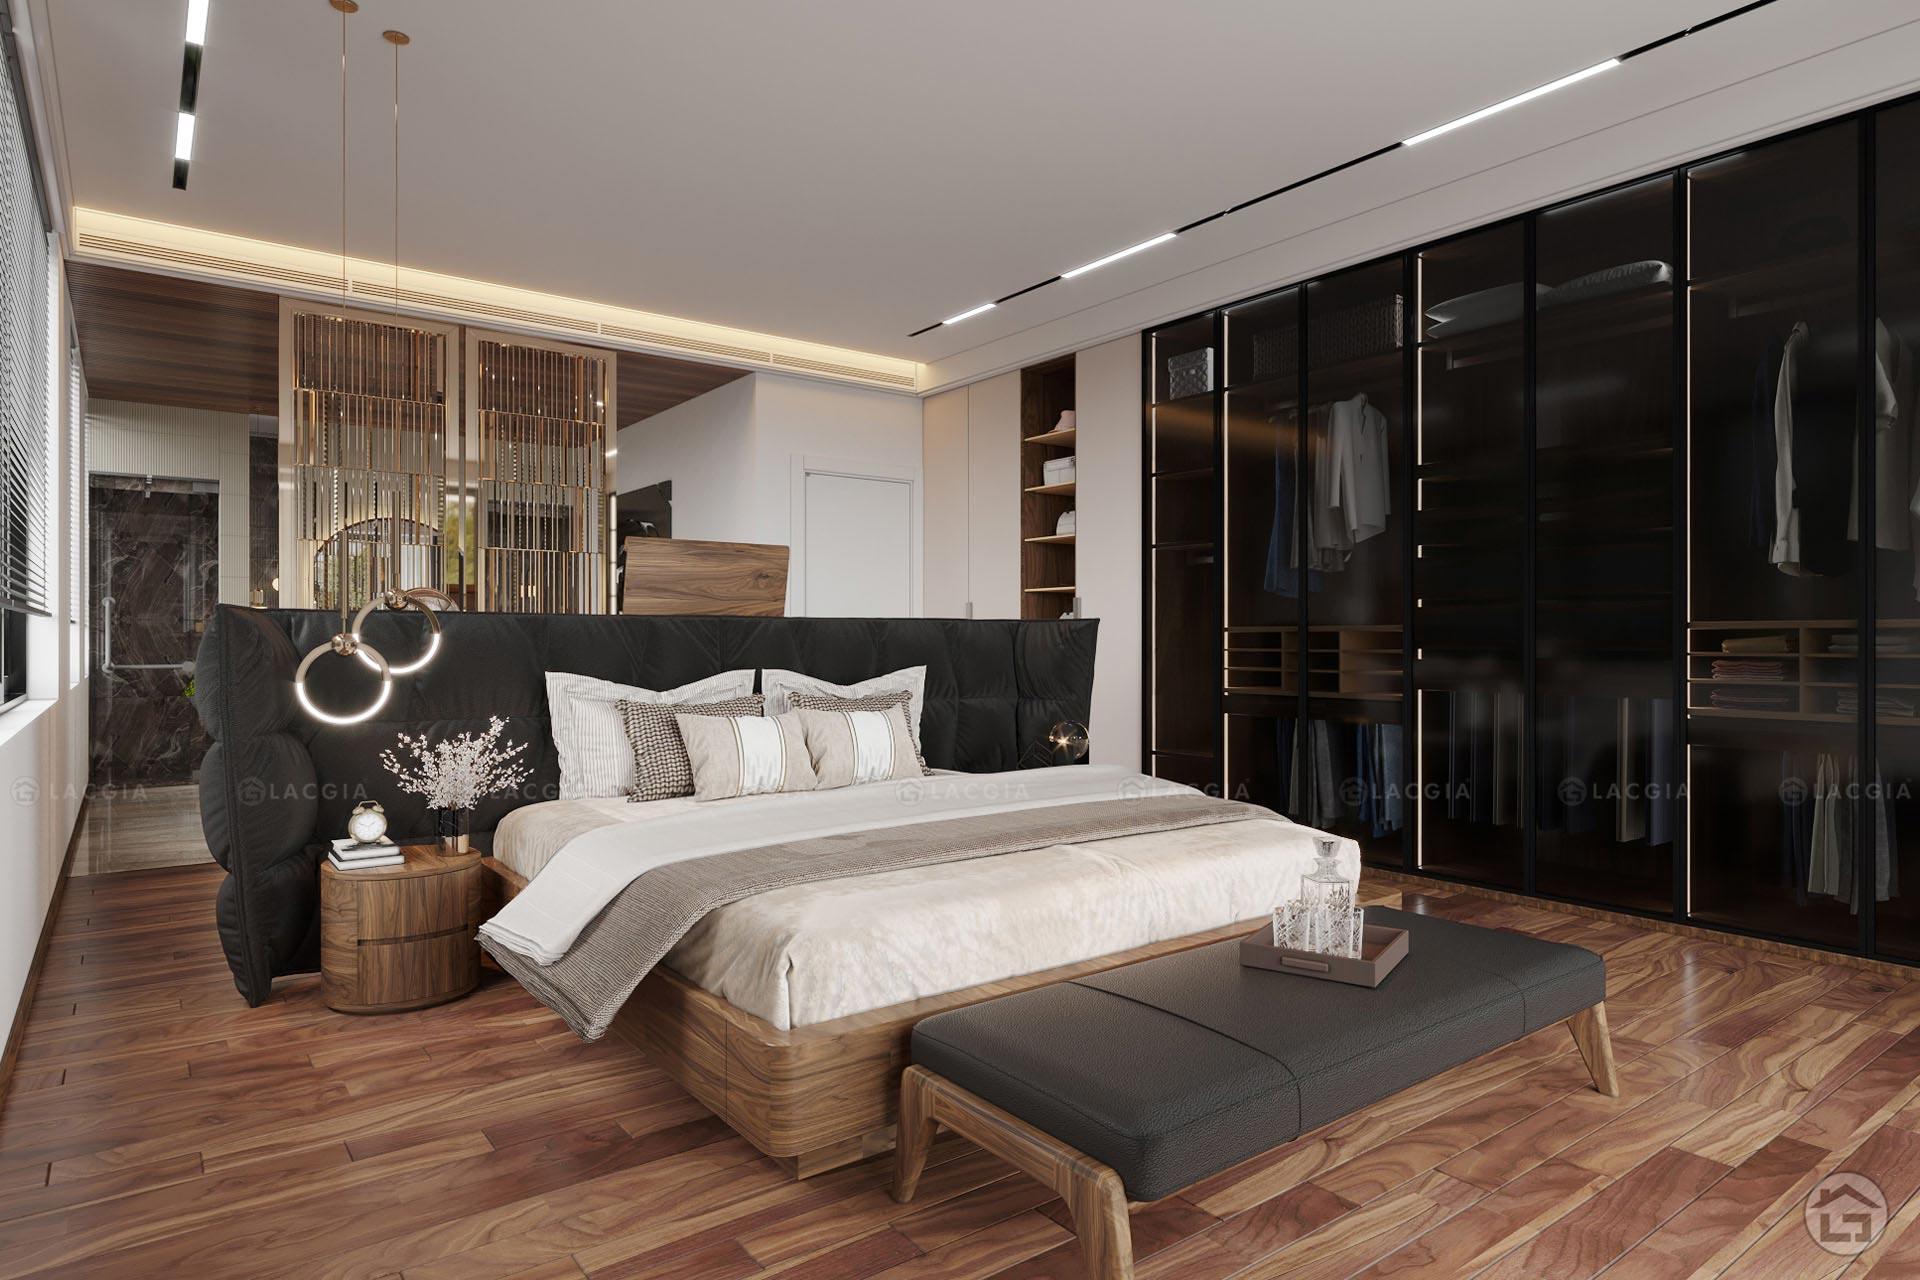 Phong cách nhẹ nhàng, trẻ trung của mẫu phòng ngủ hiện đại